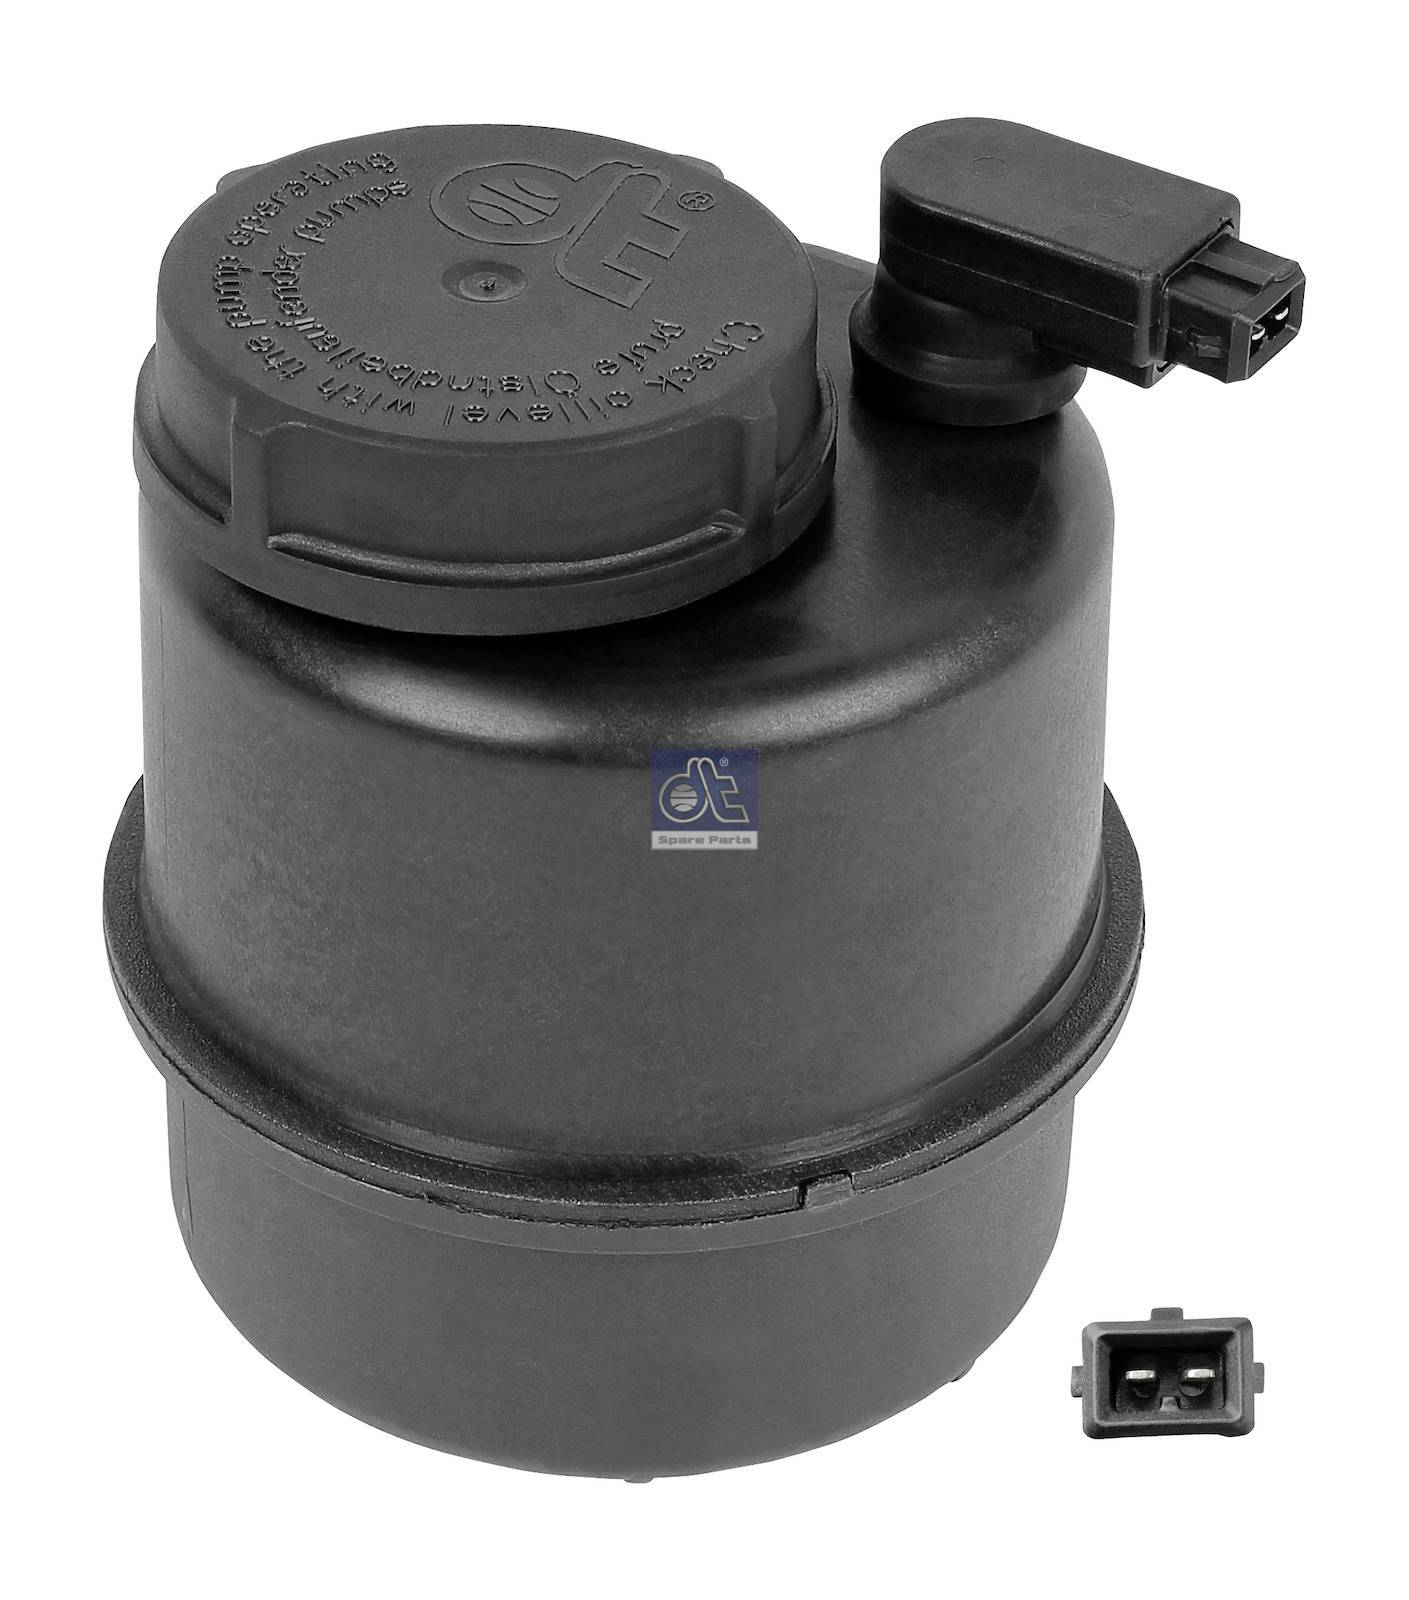 Réservoir d'huile, avec filtre et capteur de niveau